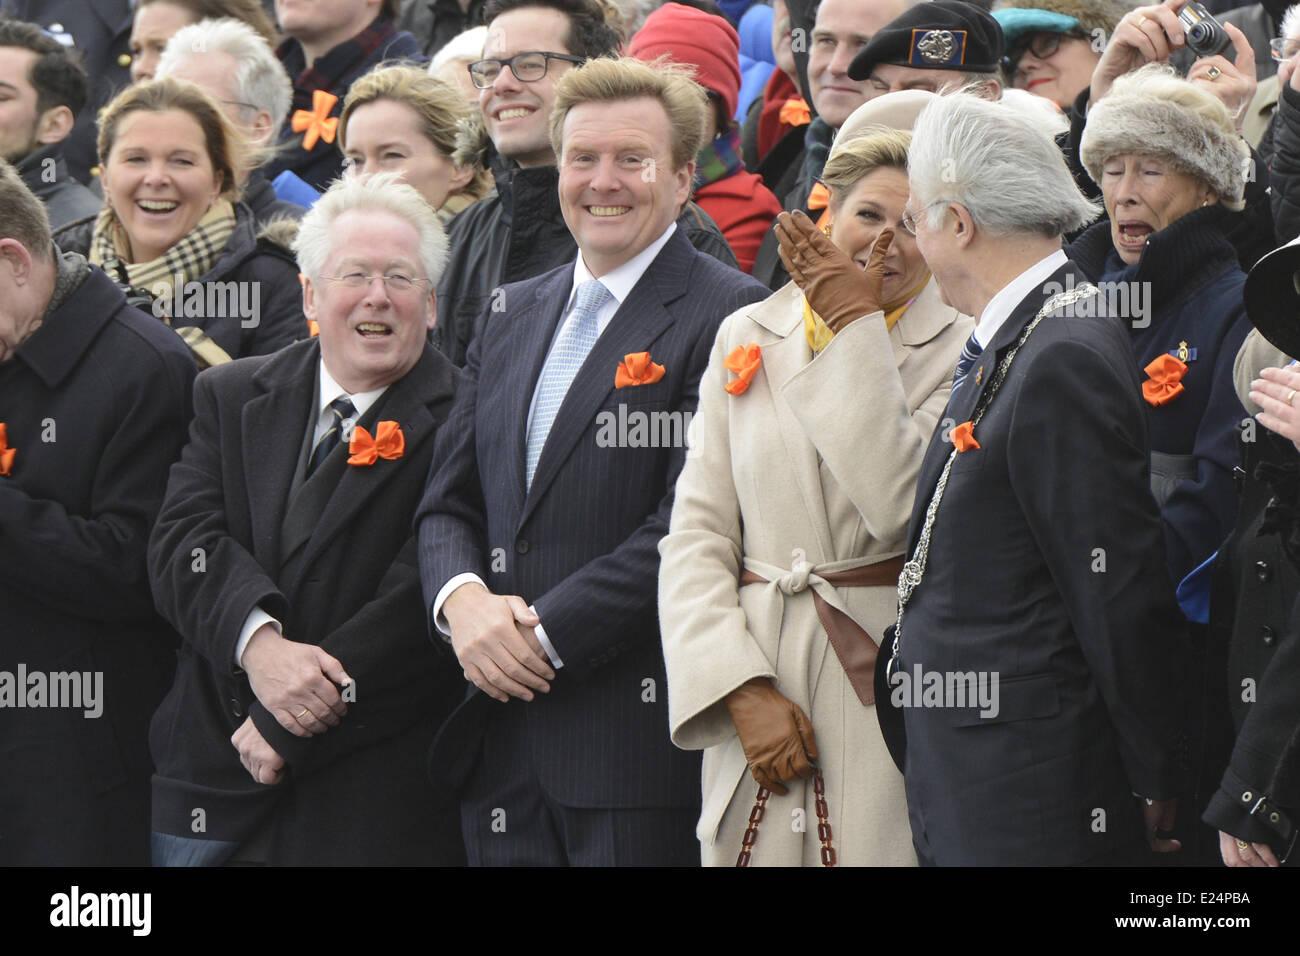 El rey Guillermo Alejandro de los Países Bajos, la Reina de los Países Bajos Maxima asistiendo a una reconstitución Imagen De Stock